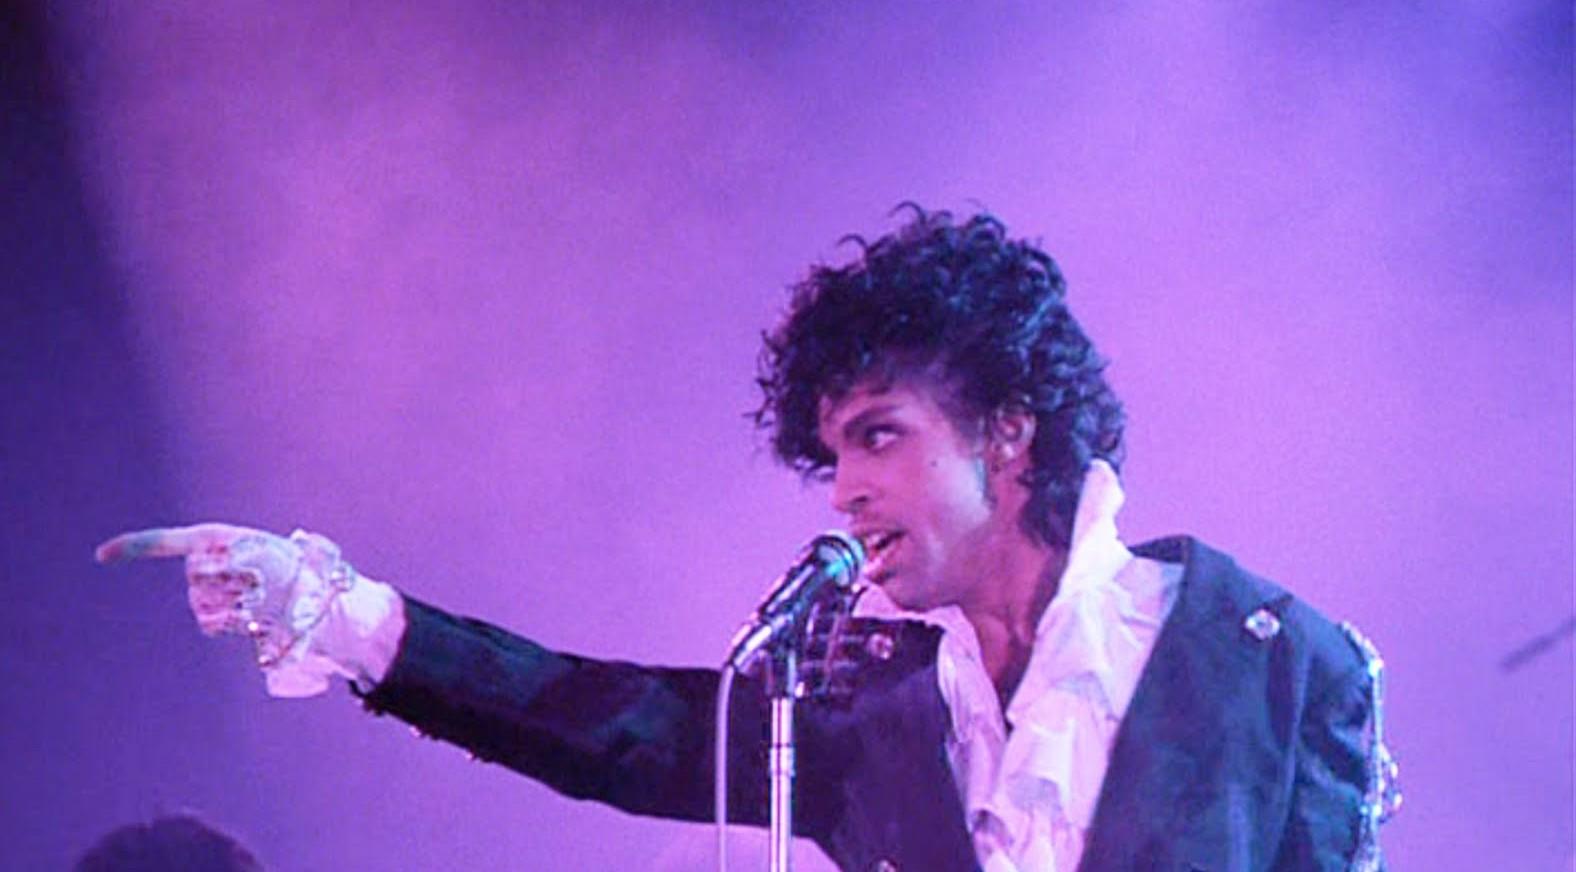 Prince en uno de sus conciertos en vivo